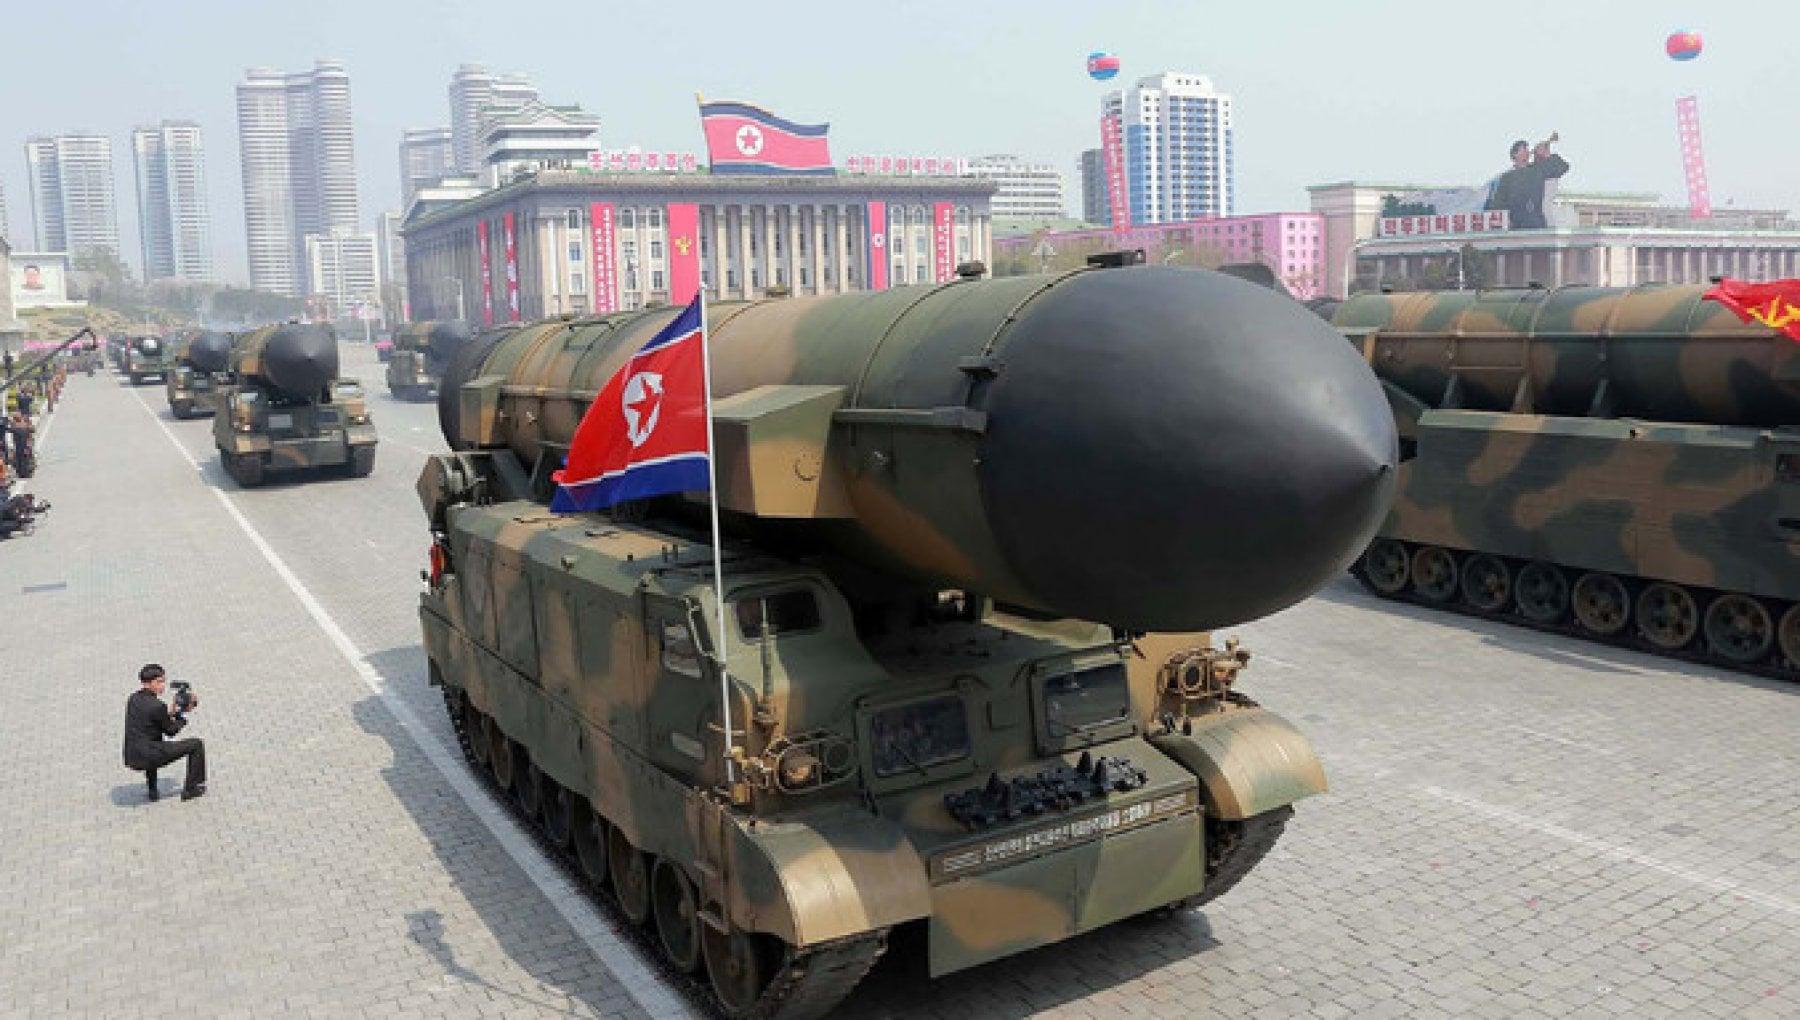 065525405 88a4756f 64bc 43f8 8577 8abc6d18d8e1 - Usa e Corea Sud, missili e nucleare a Pyongyang sono la priorità